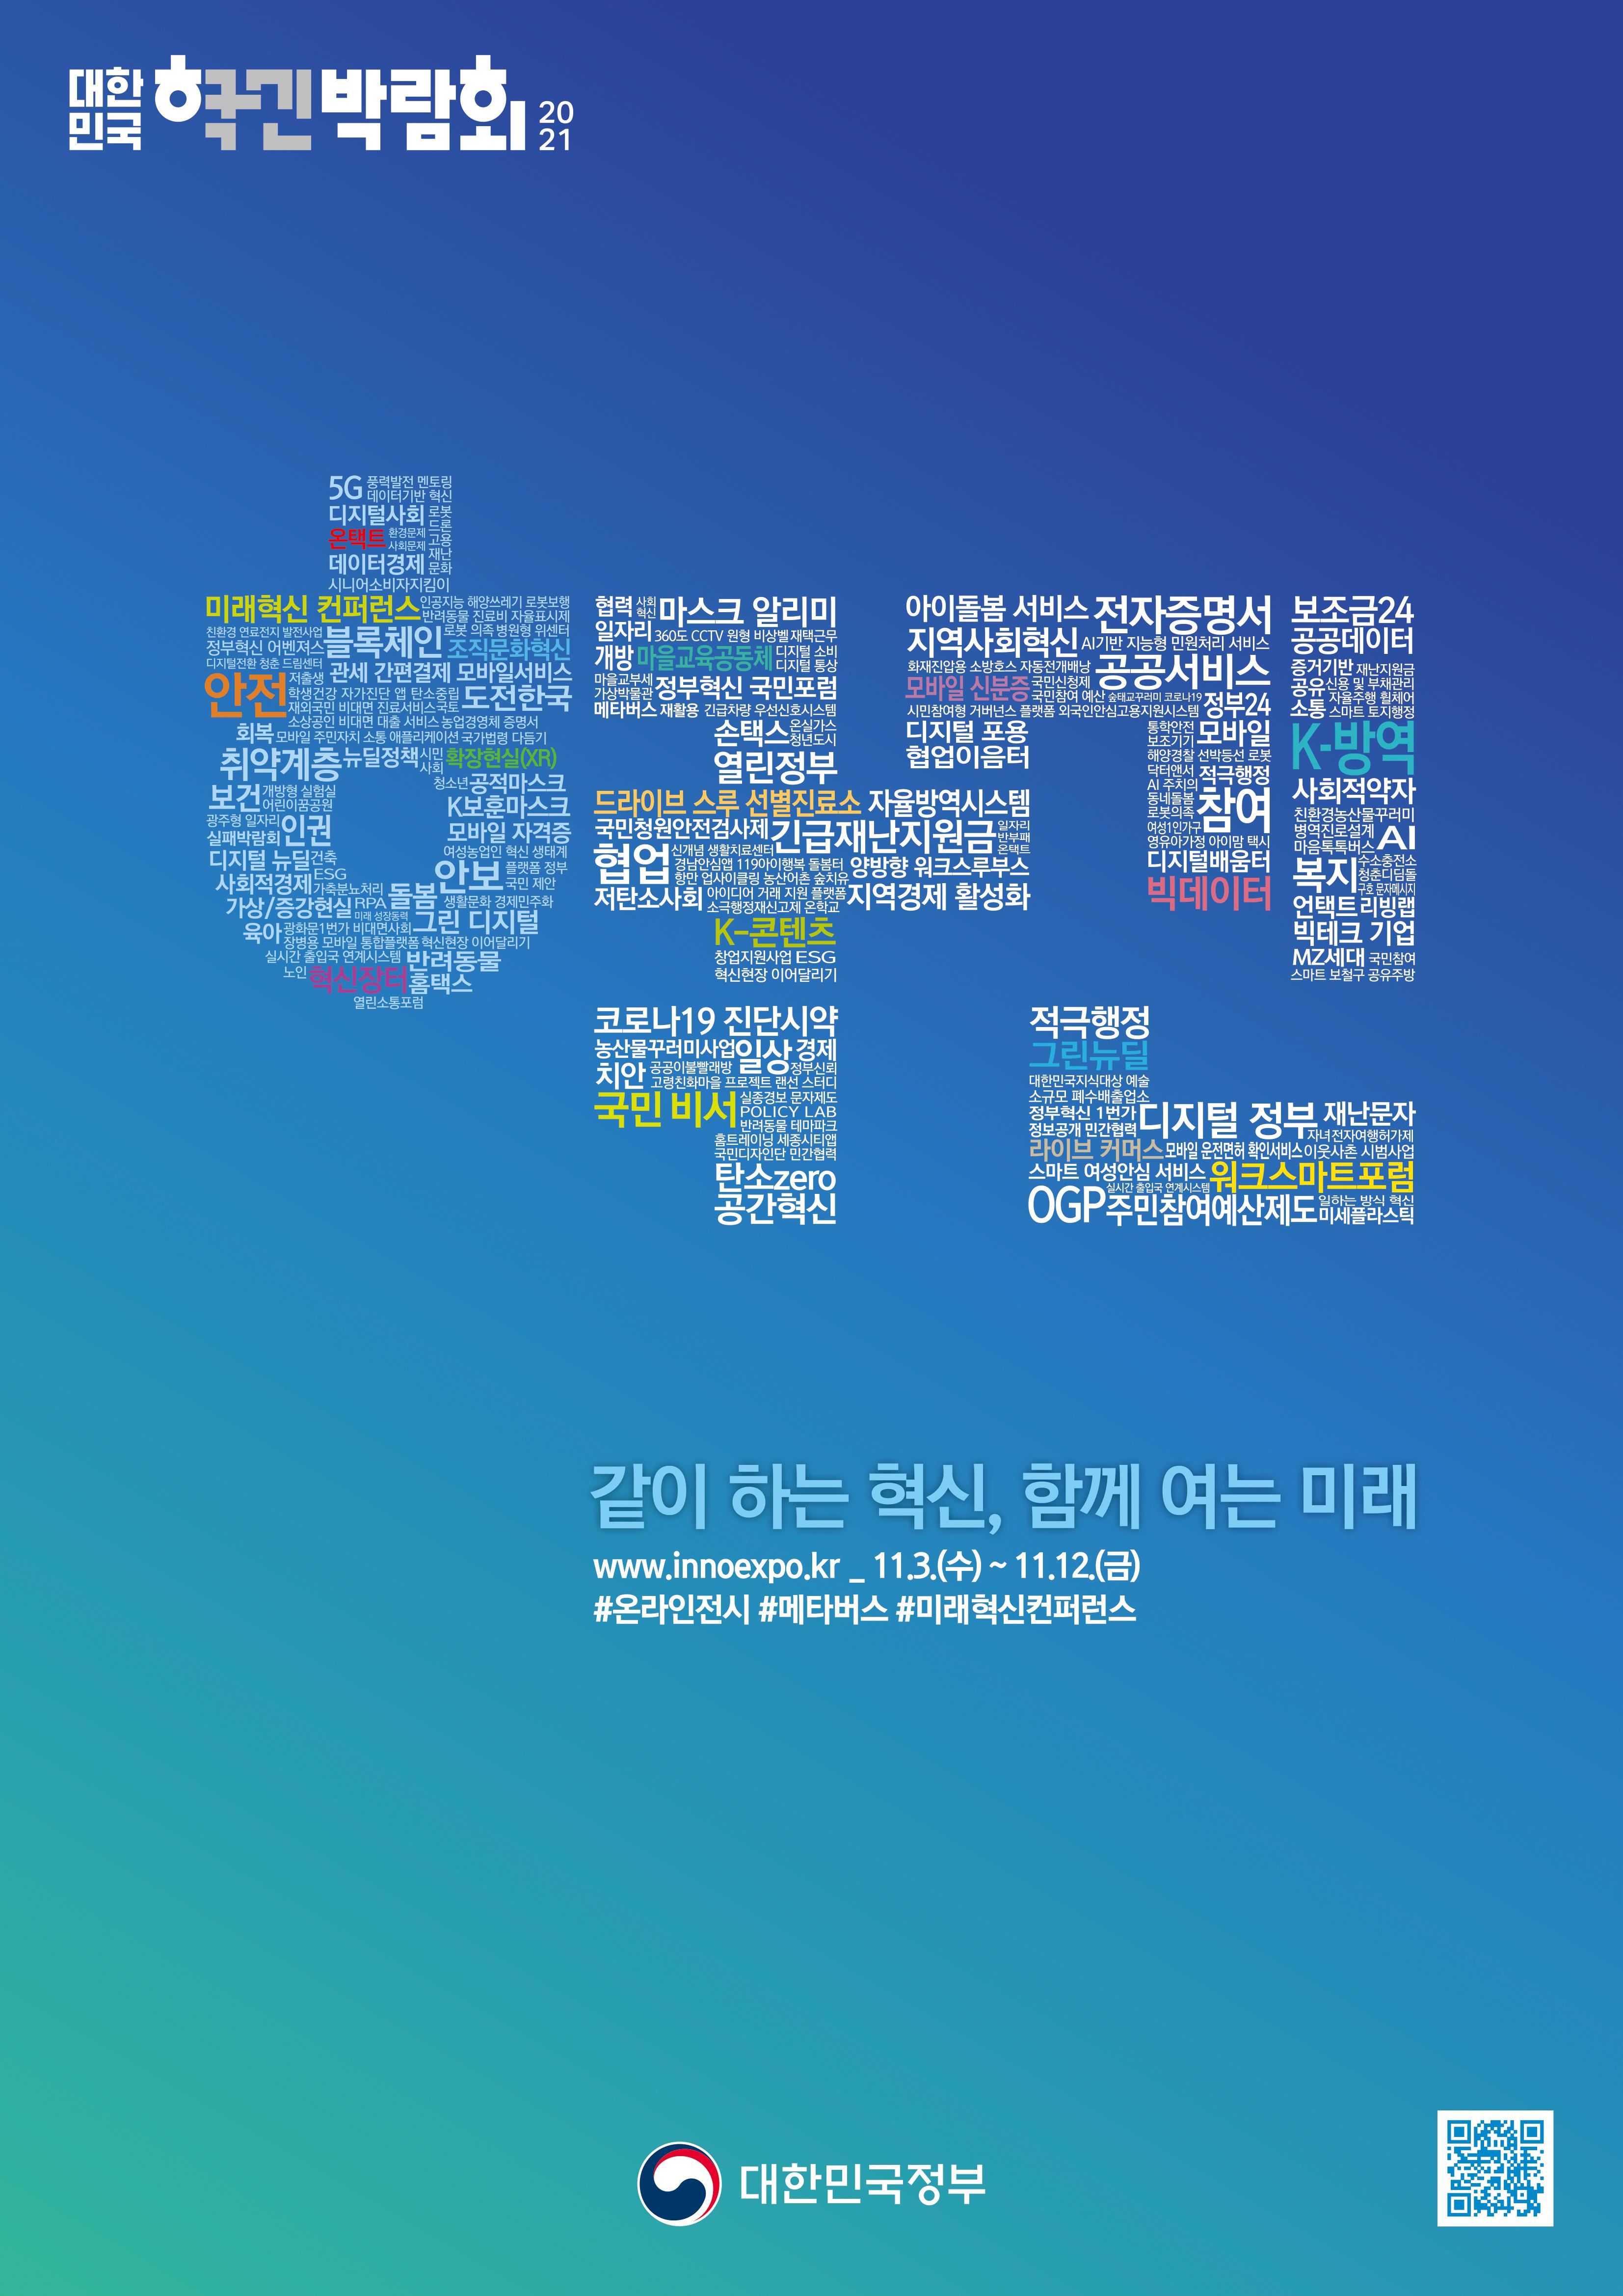 가. 행 사 명 : 2021 대한민국 혁신박람회    나. 행사기간 : 11.3.(수)~11.12.(금)    다. 방    식 : 온라인・모바일(www.innoexpo.kr) 개최